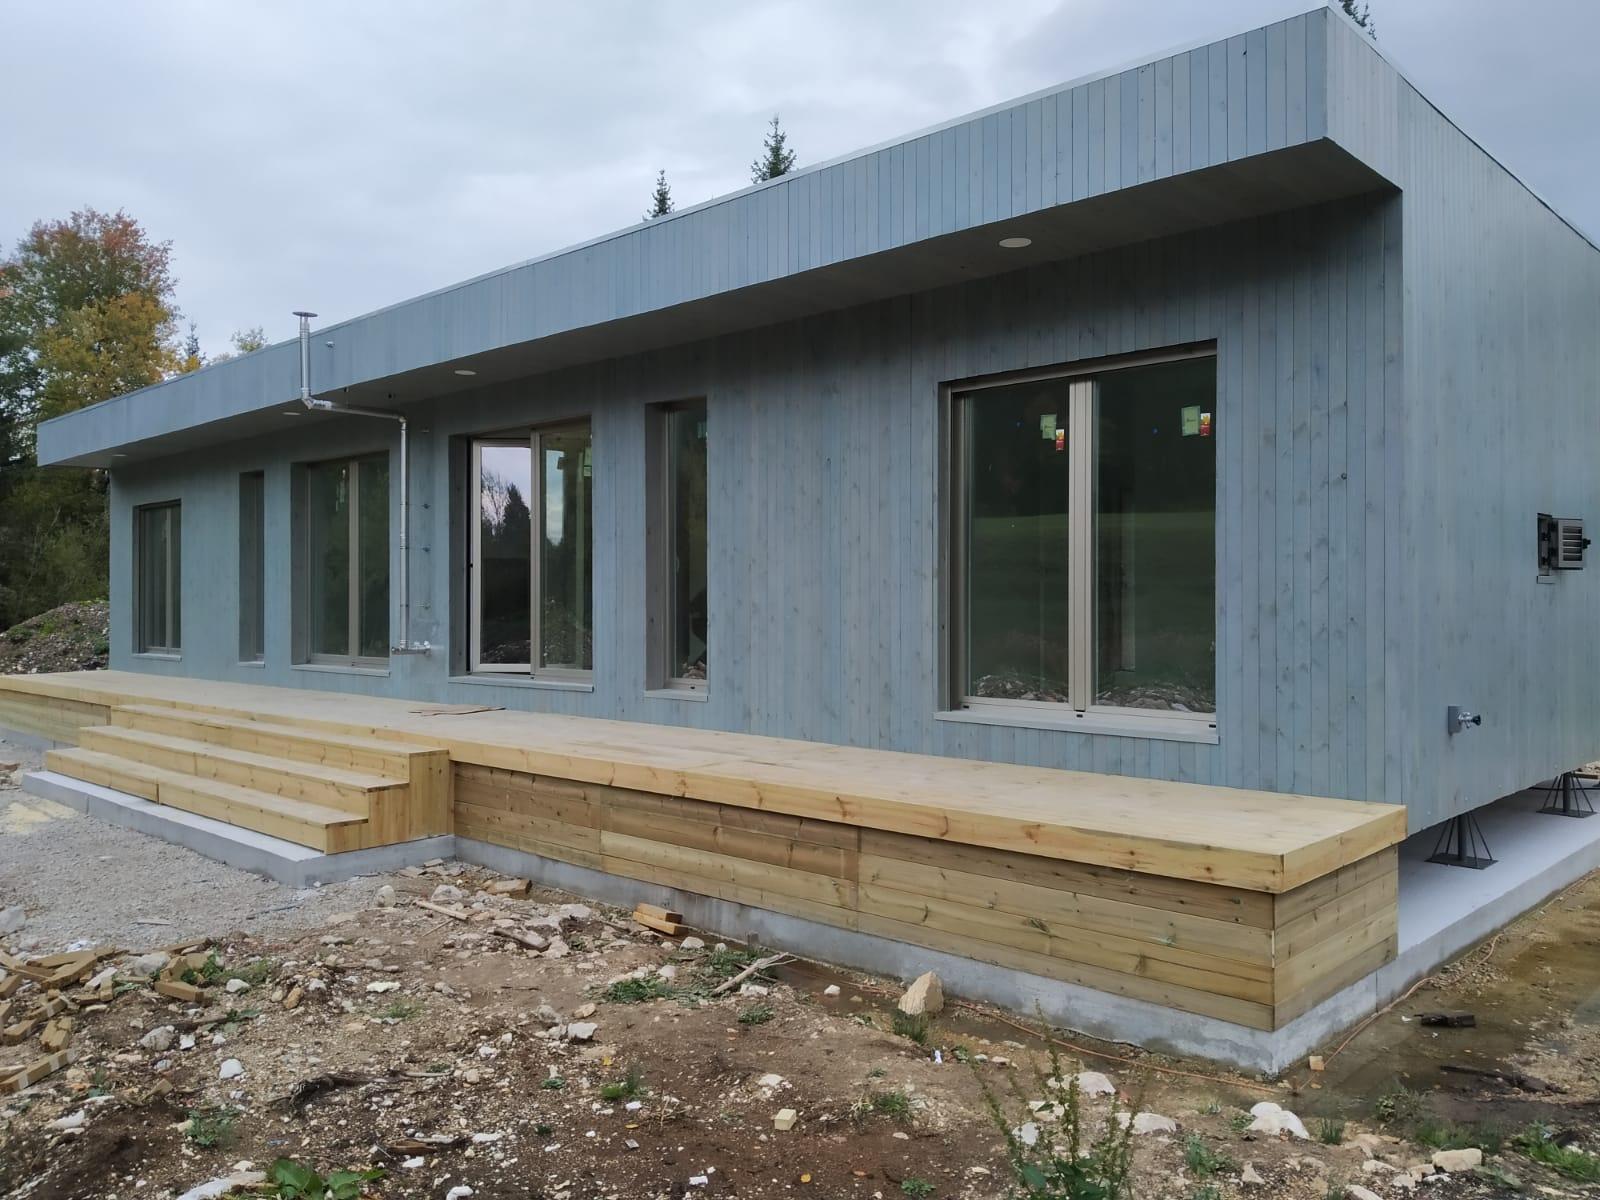 Maison Ossature Bois Suede maison modulaire bois. maison prefabriquée. maison en bois